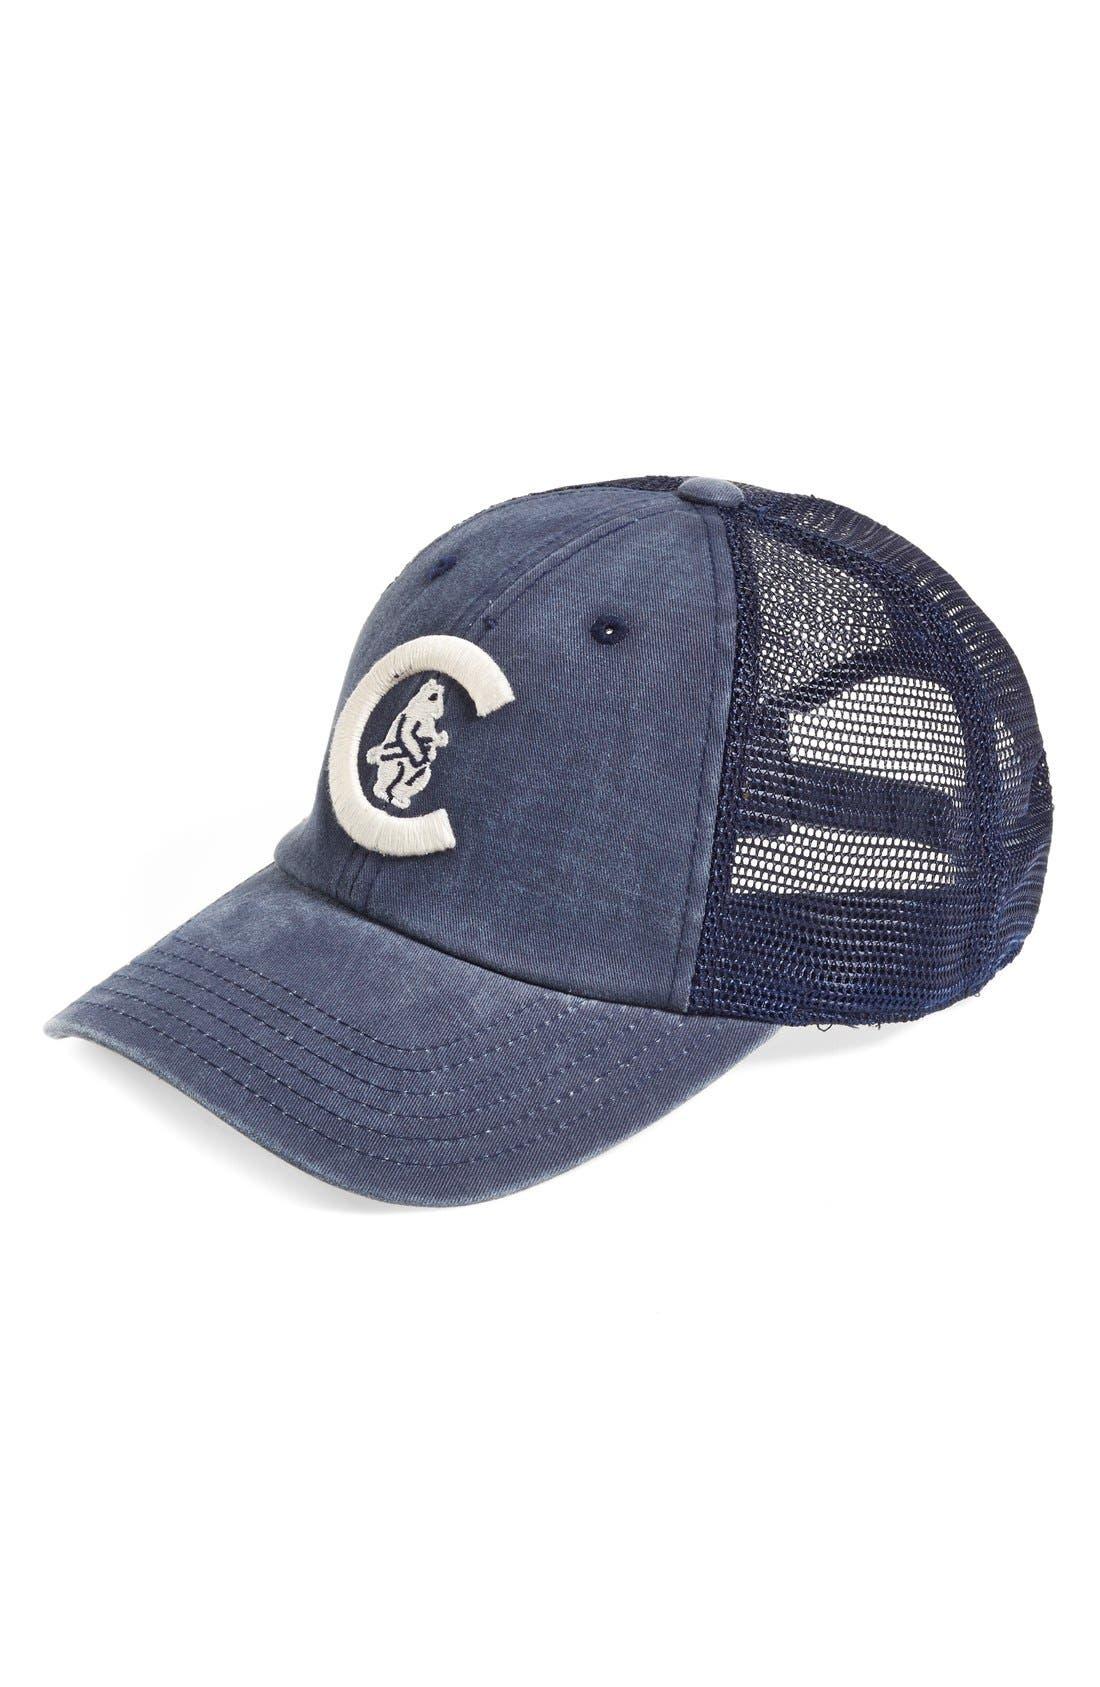 'Chicago Cubs - Raglan Bones' Mesh Trucker Cap,                         Main,                         color, 410